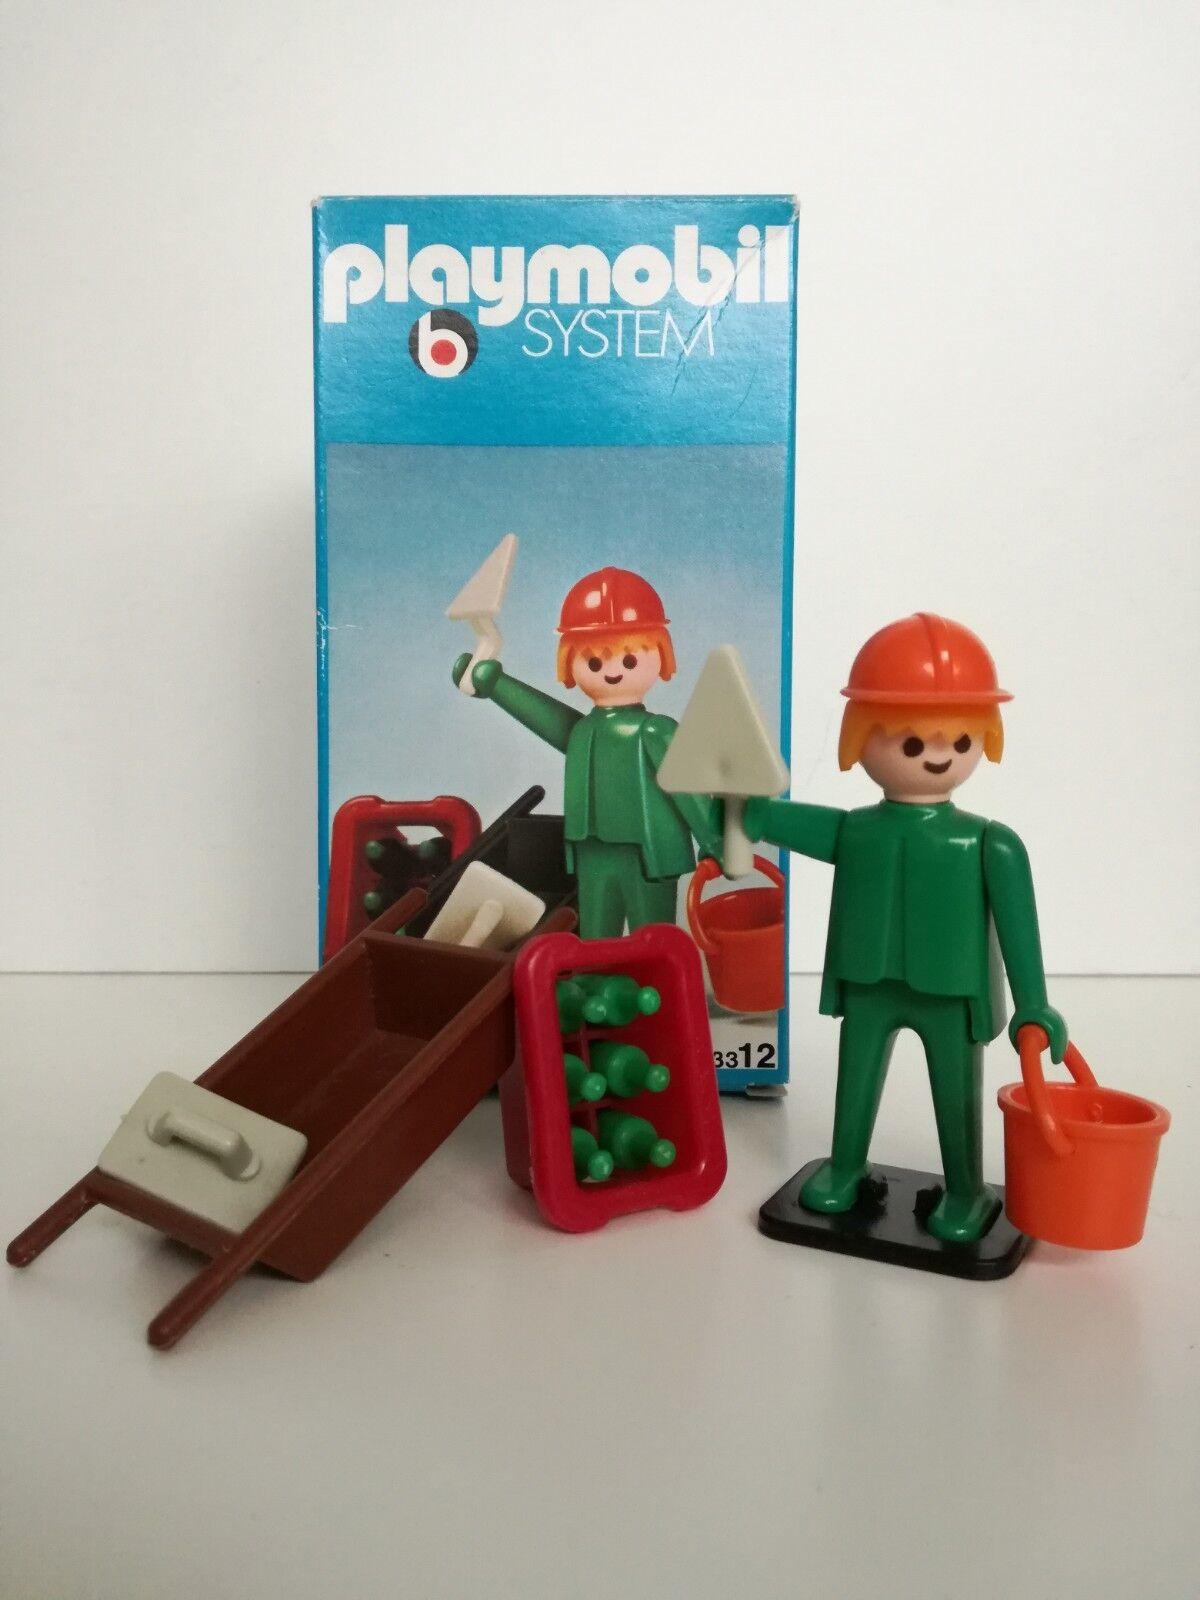 Playmobil 3312 v1 - Construction worker   Hochbauarbeiter (OVP LineArt Box)